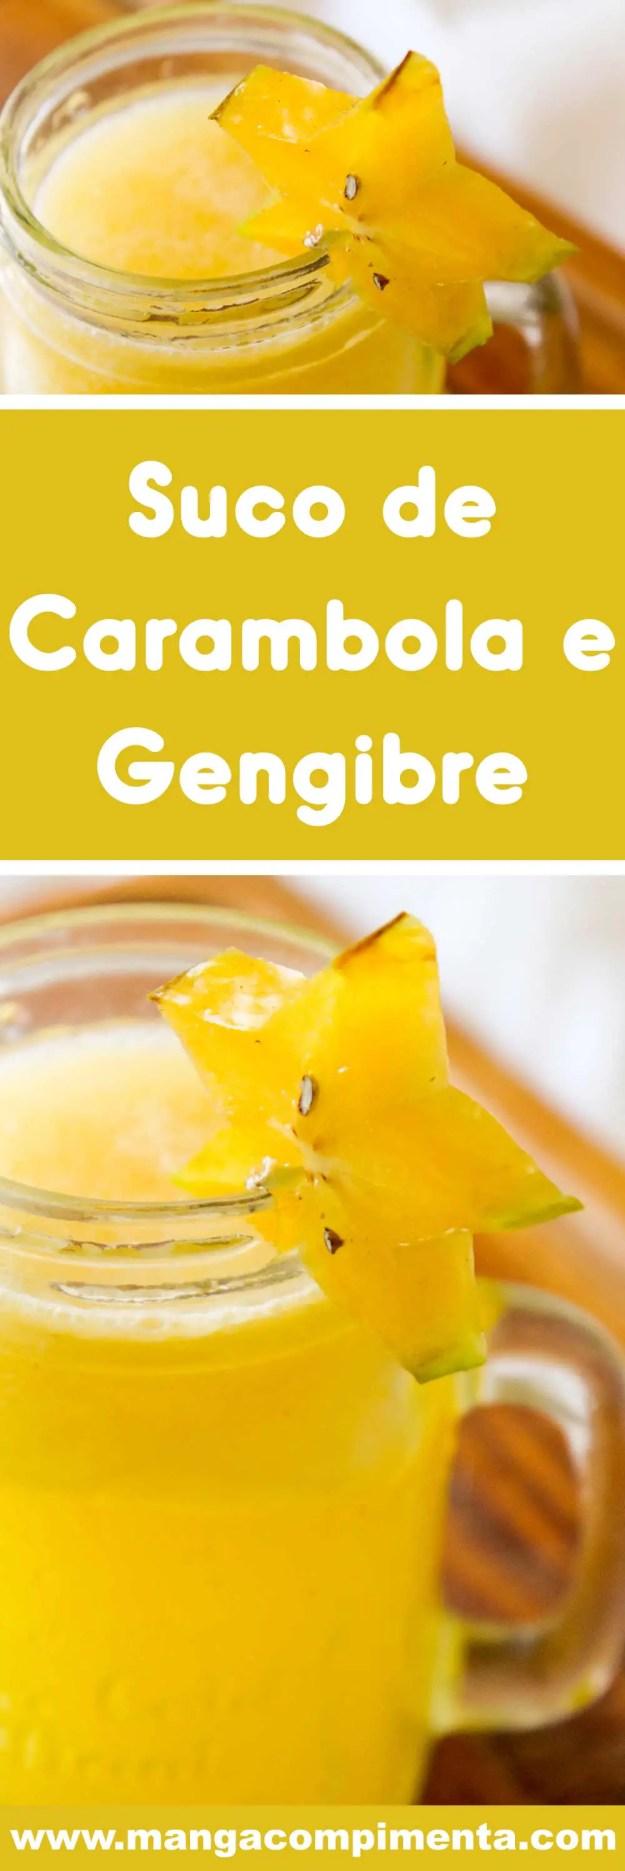 Receita de Suco de Carambola com Gengibre - uma bebida deliciosa para servir no lanche da tarde da família.